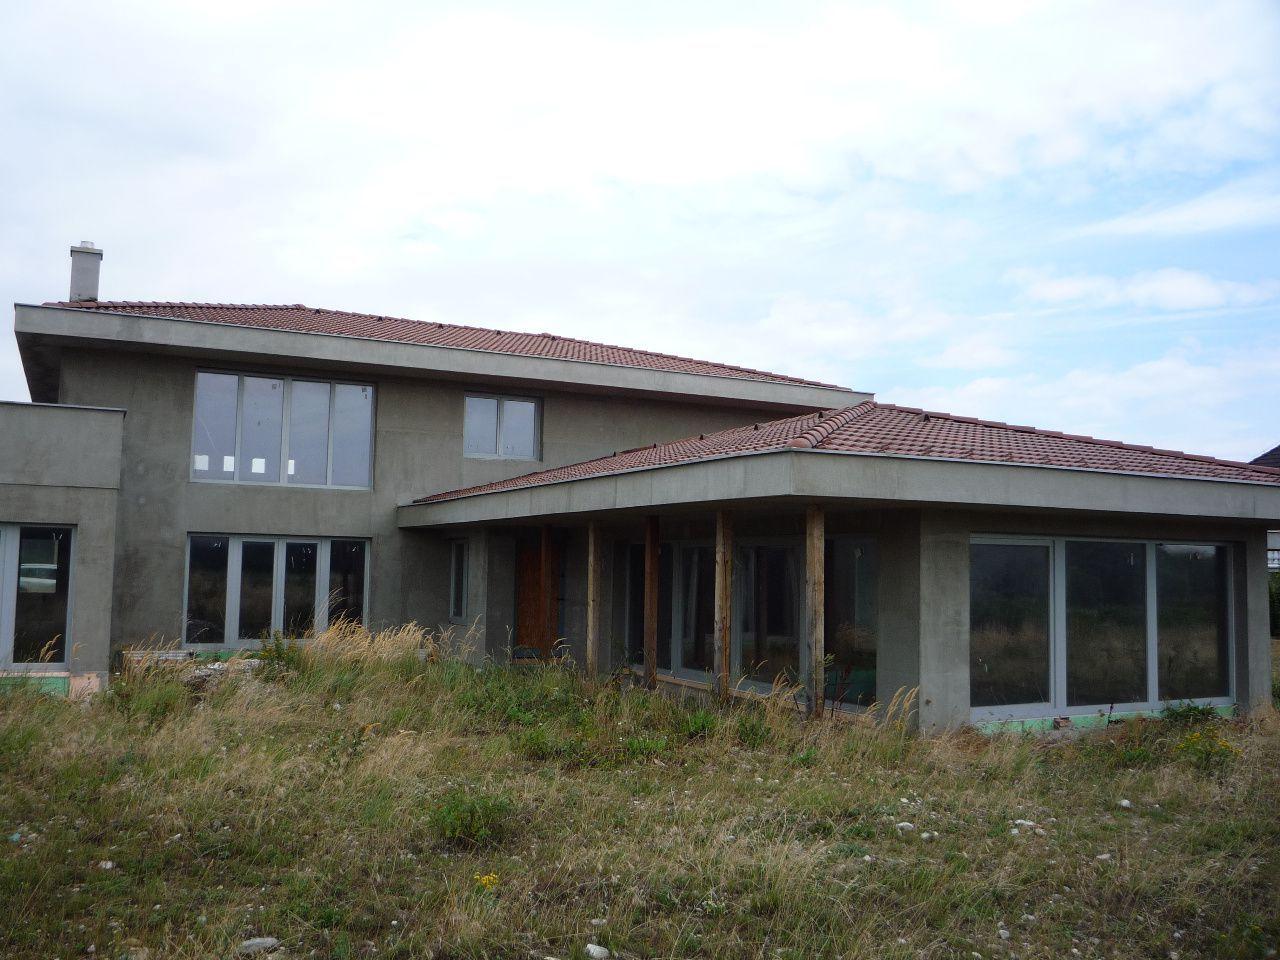 !!!DOHODA MOŽNÁ!!! RK Areté real ponúka na predaj rozostavanú vilu a menší RD na jednom pozemku v Limbachu